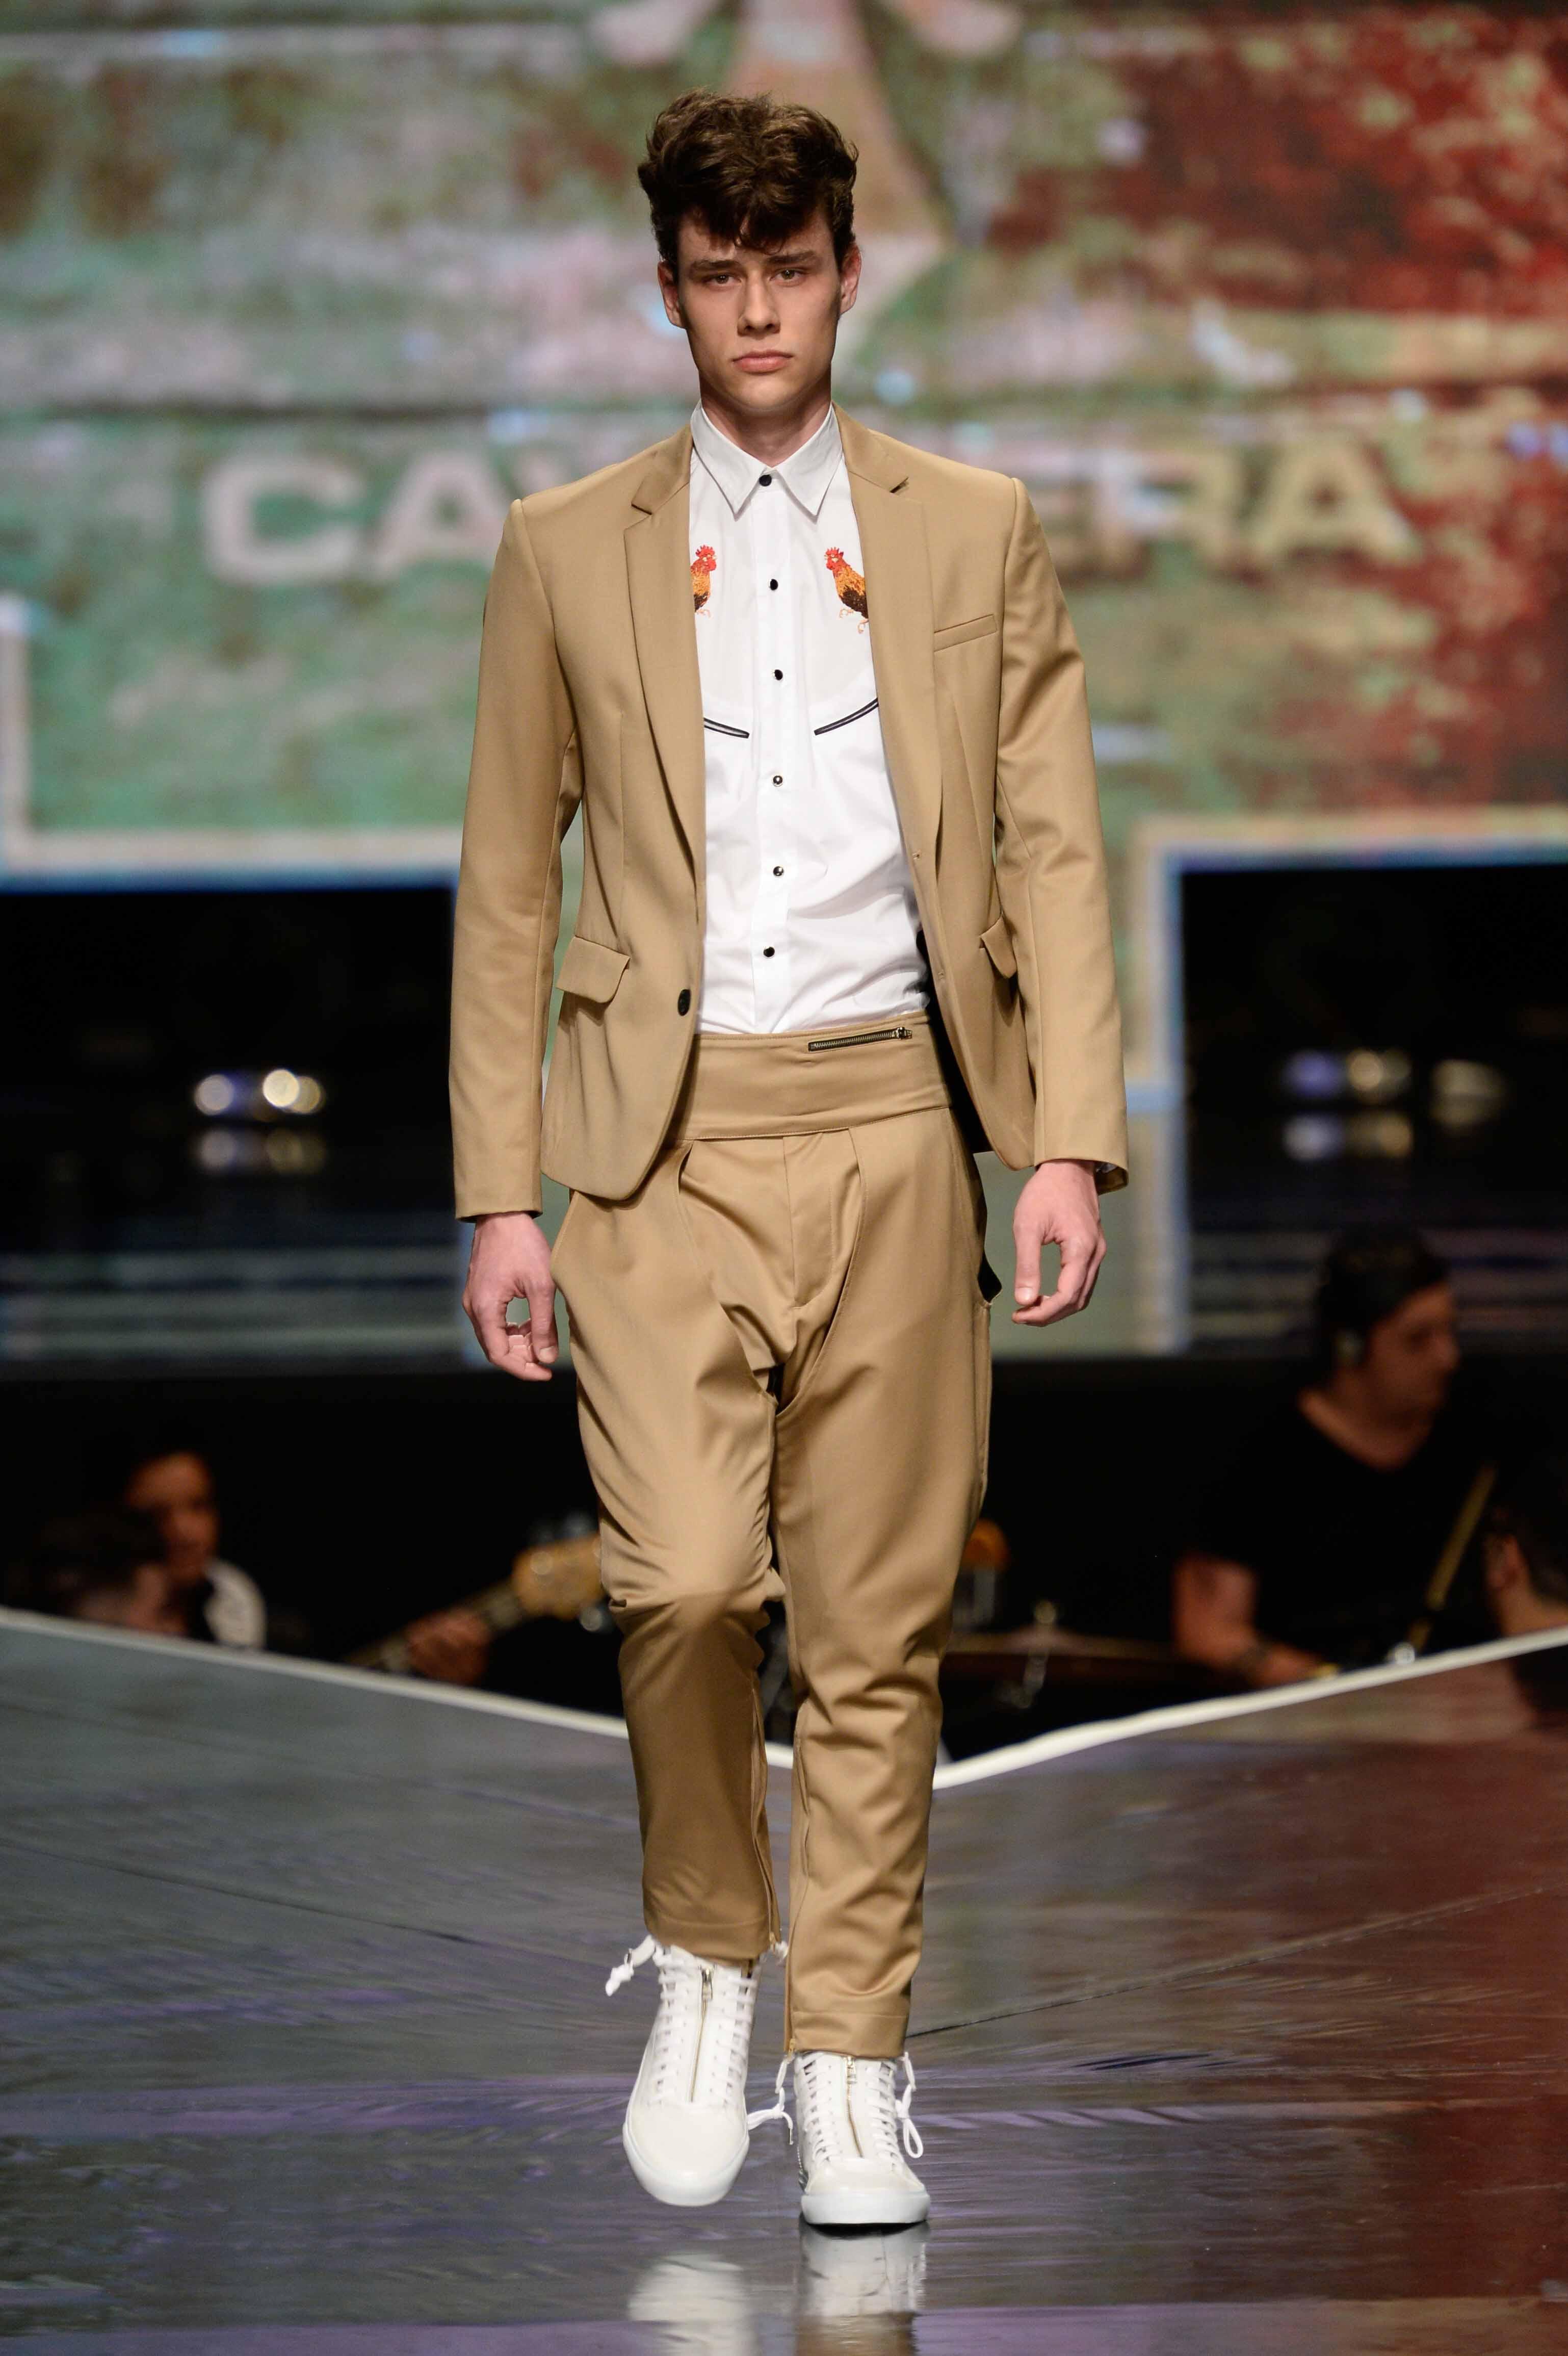 desfile cavalera, verão 2017, desfile masculino, moda masculina, menswear, fashion blogger, fashion week, coleção, estilo sertanejo, mens, alex cursino, moda sem censura (22)